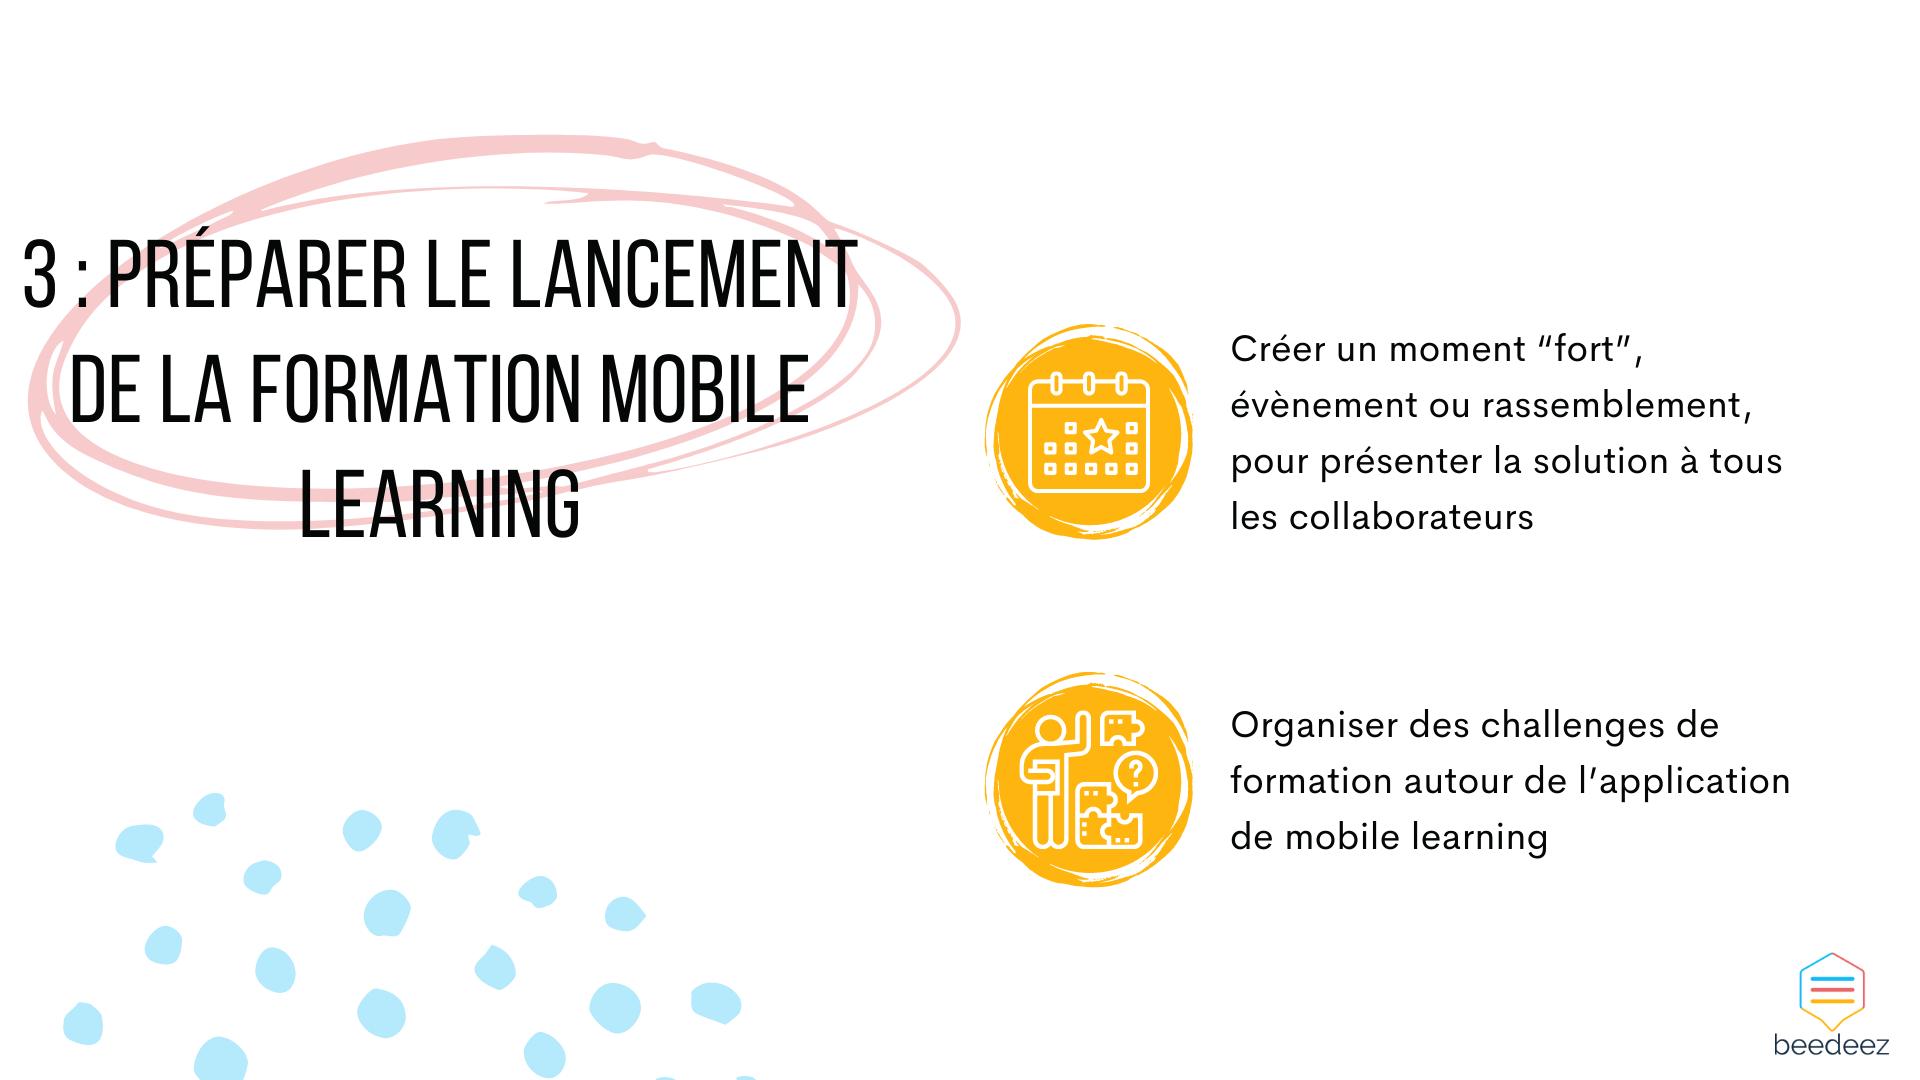 Préparer le lancement de la formation mobile learning